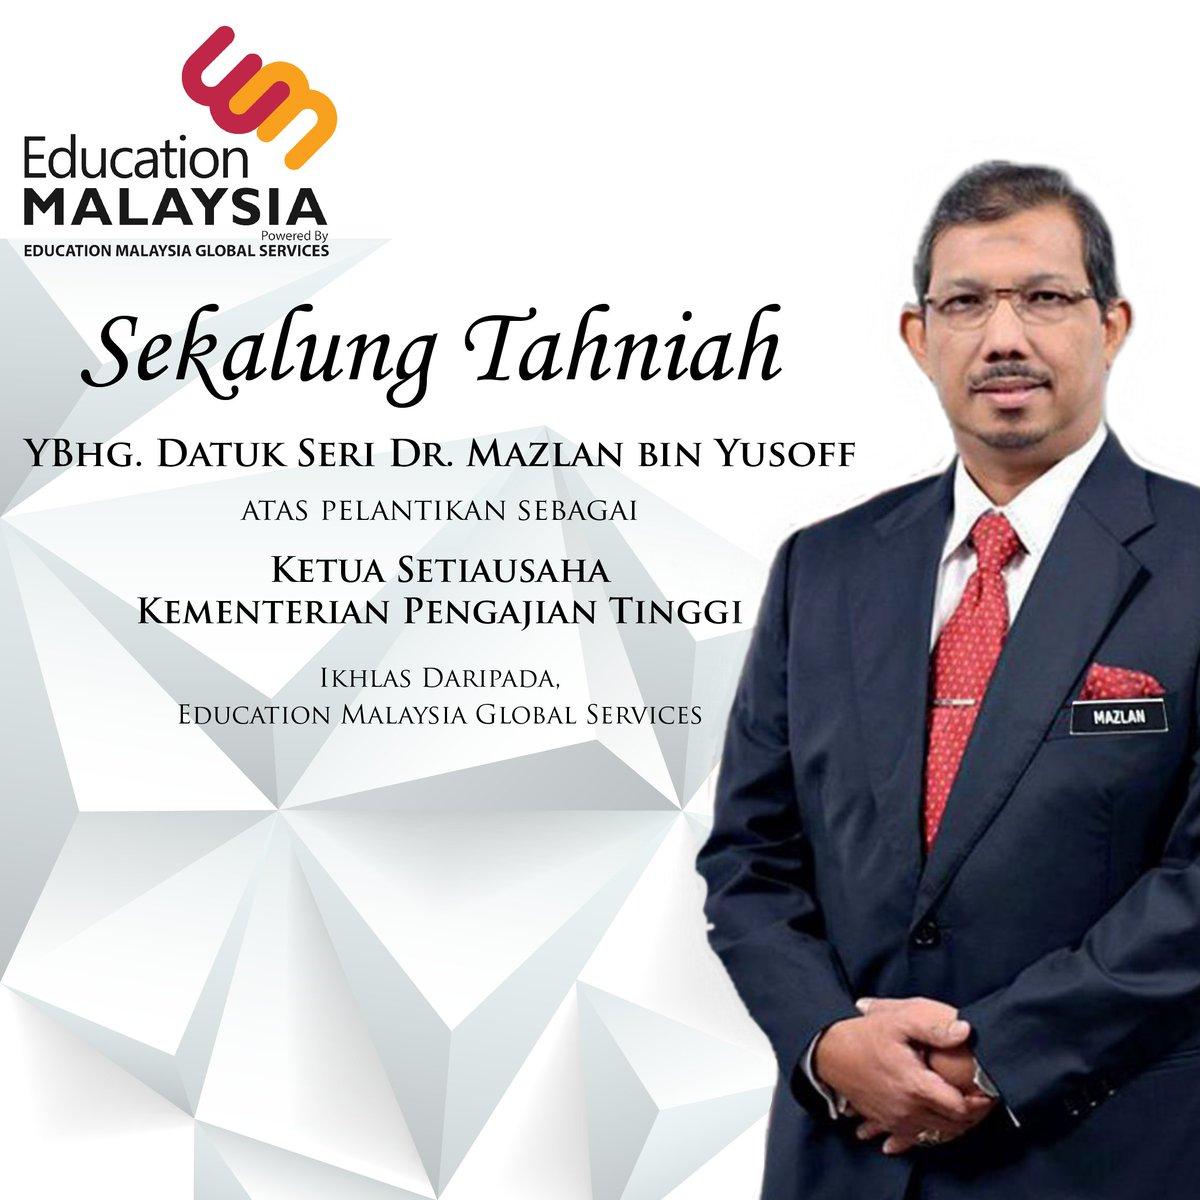 Tahniah diucapkan kepada YBhg. Datuk Seri Dr. Mazlan bin Yusoff di atas pelantikan sebagai Ketua Setiausaha Kementerian Pengajian Tinggi.  Ikhlas daripada Education Malaysia Global Services.  #EducationMalaysia #StudyinMalaysia #InternationalStudent   https://www.educationmalaysia.gov.my/pic.twitter.com/SHBcjmqkh7